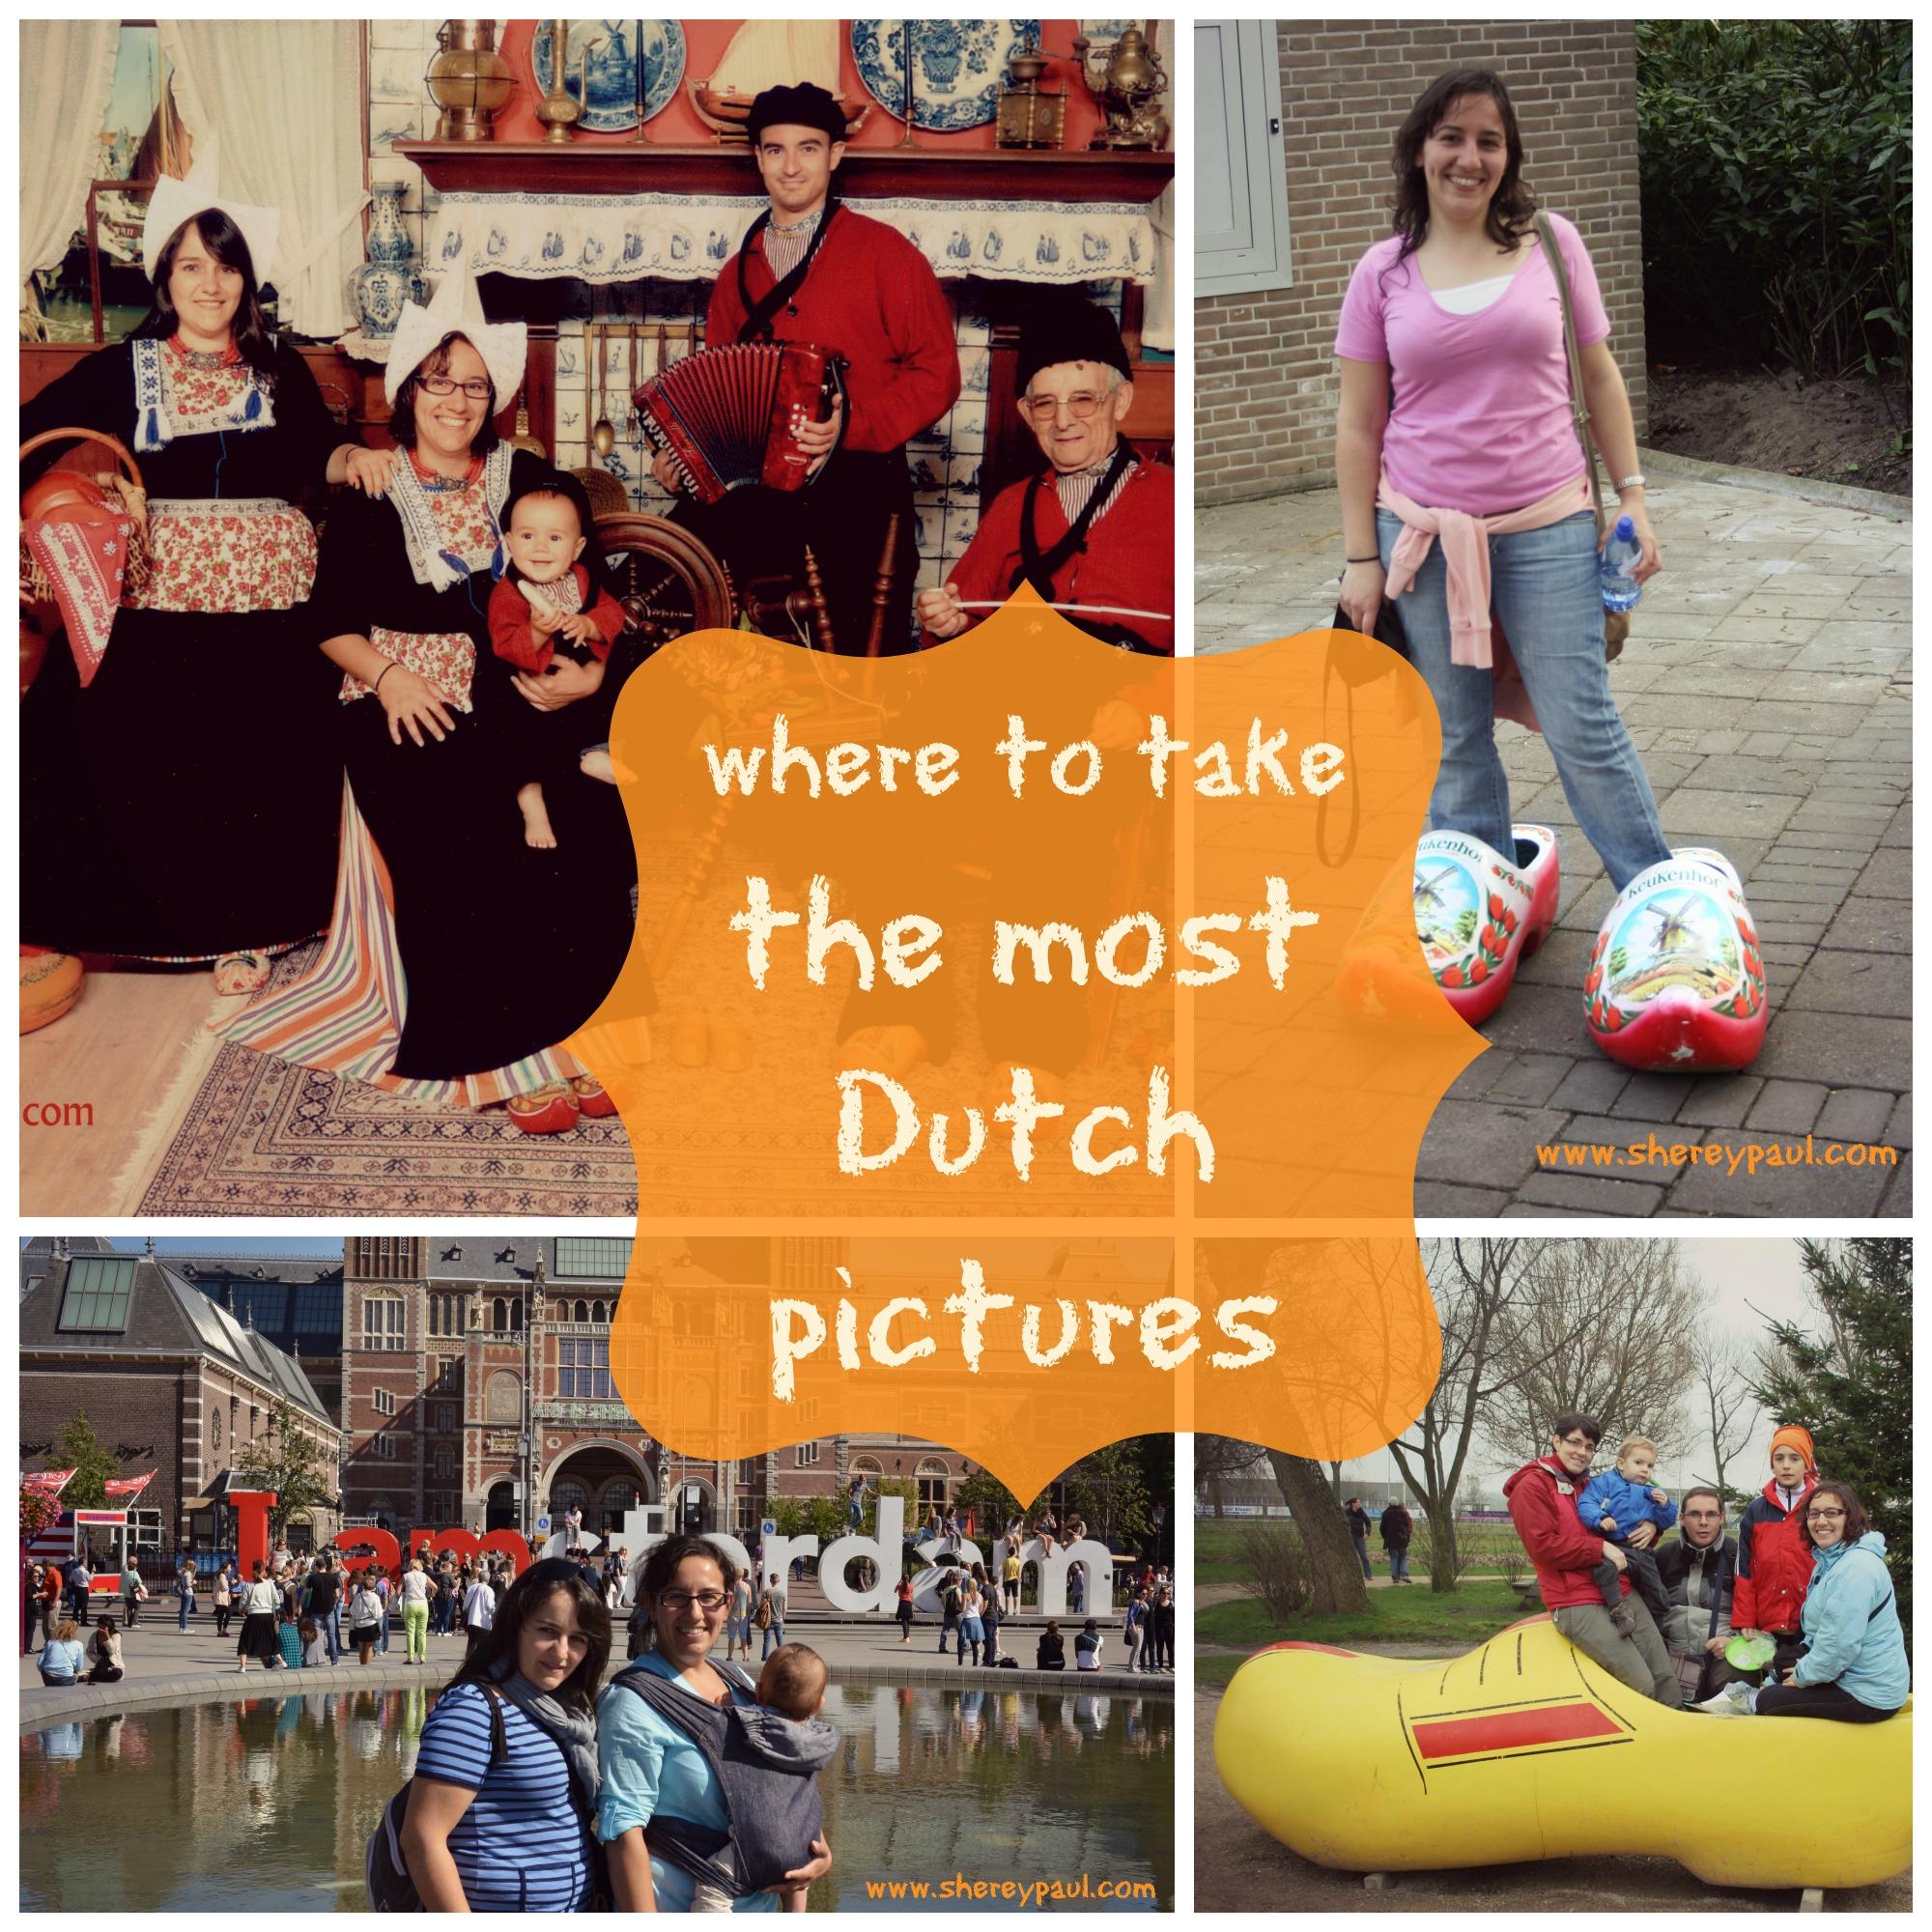 Dónde hacer las fotos más típicas holandesas